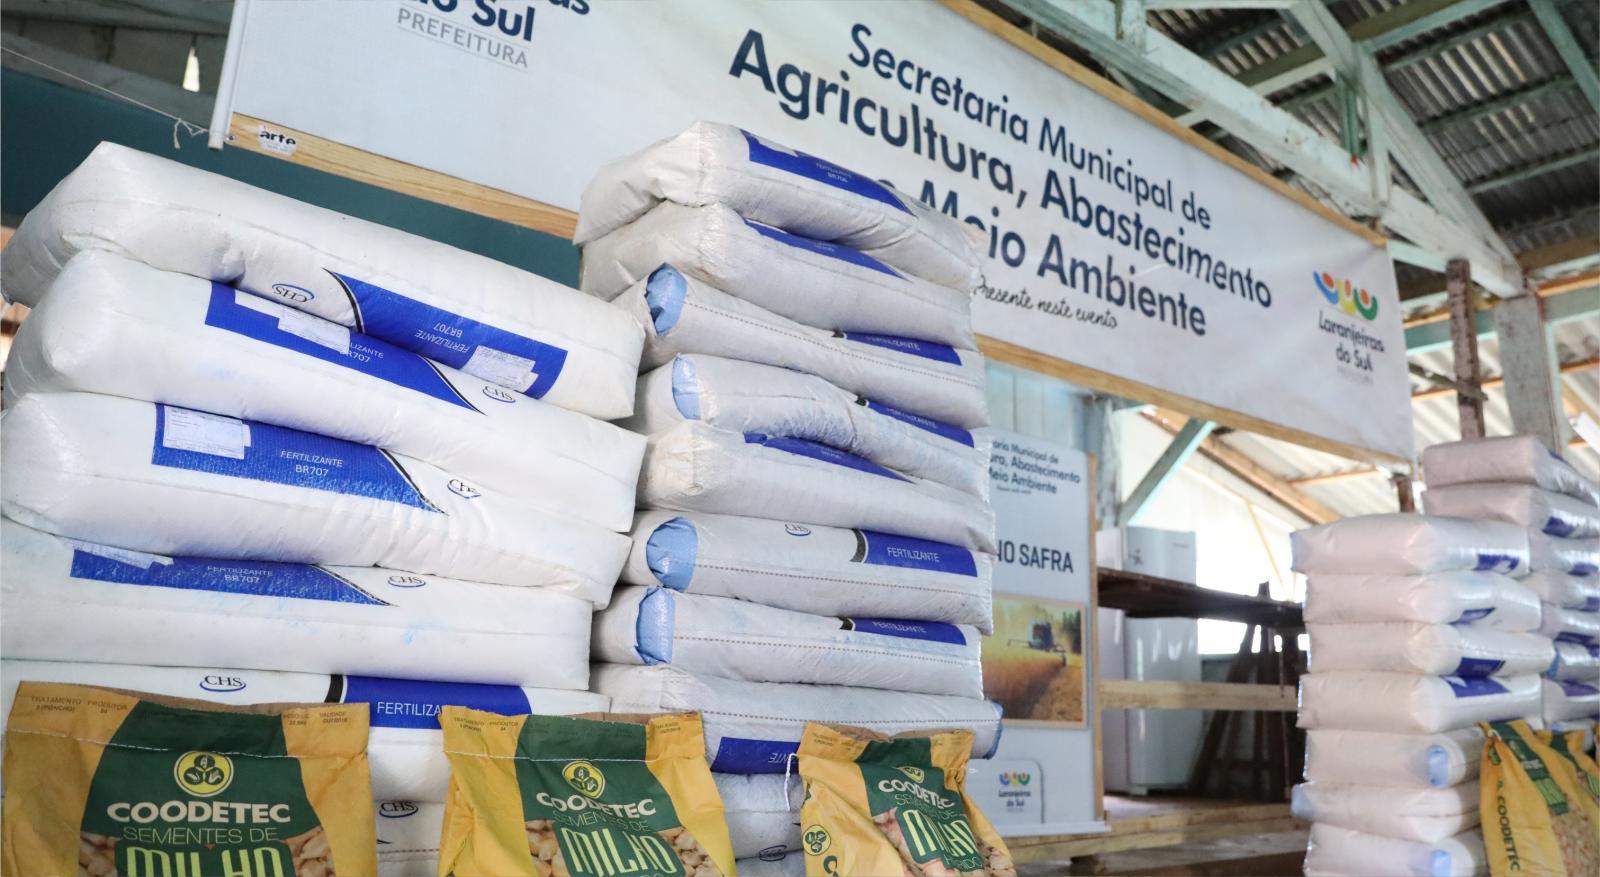 Prefeitura vai investir mais de R$ 1 milhão para atender 369 produtores no Plano Safra